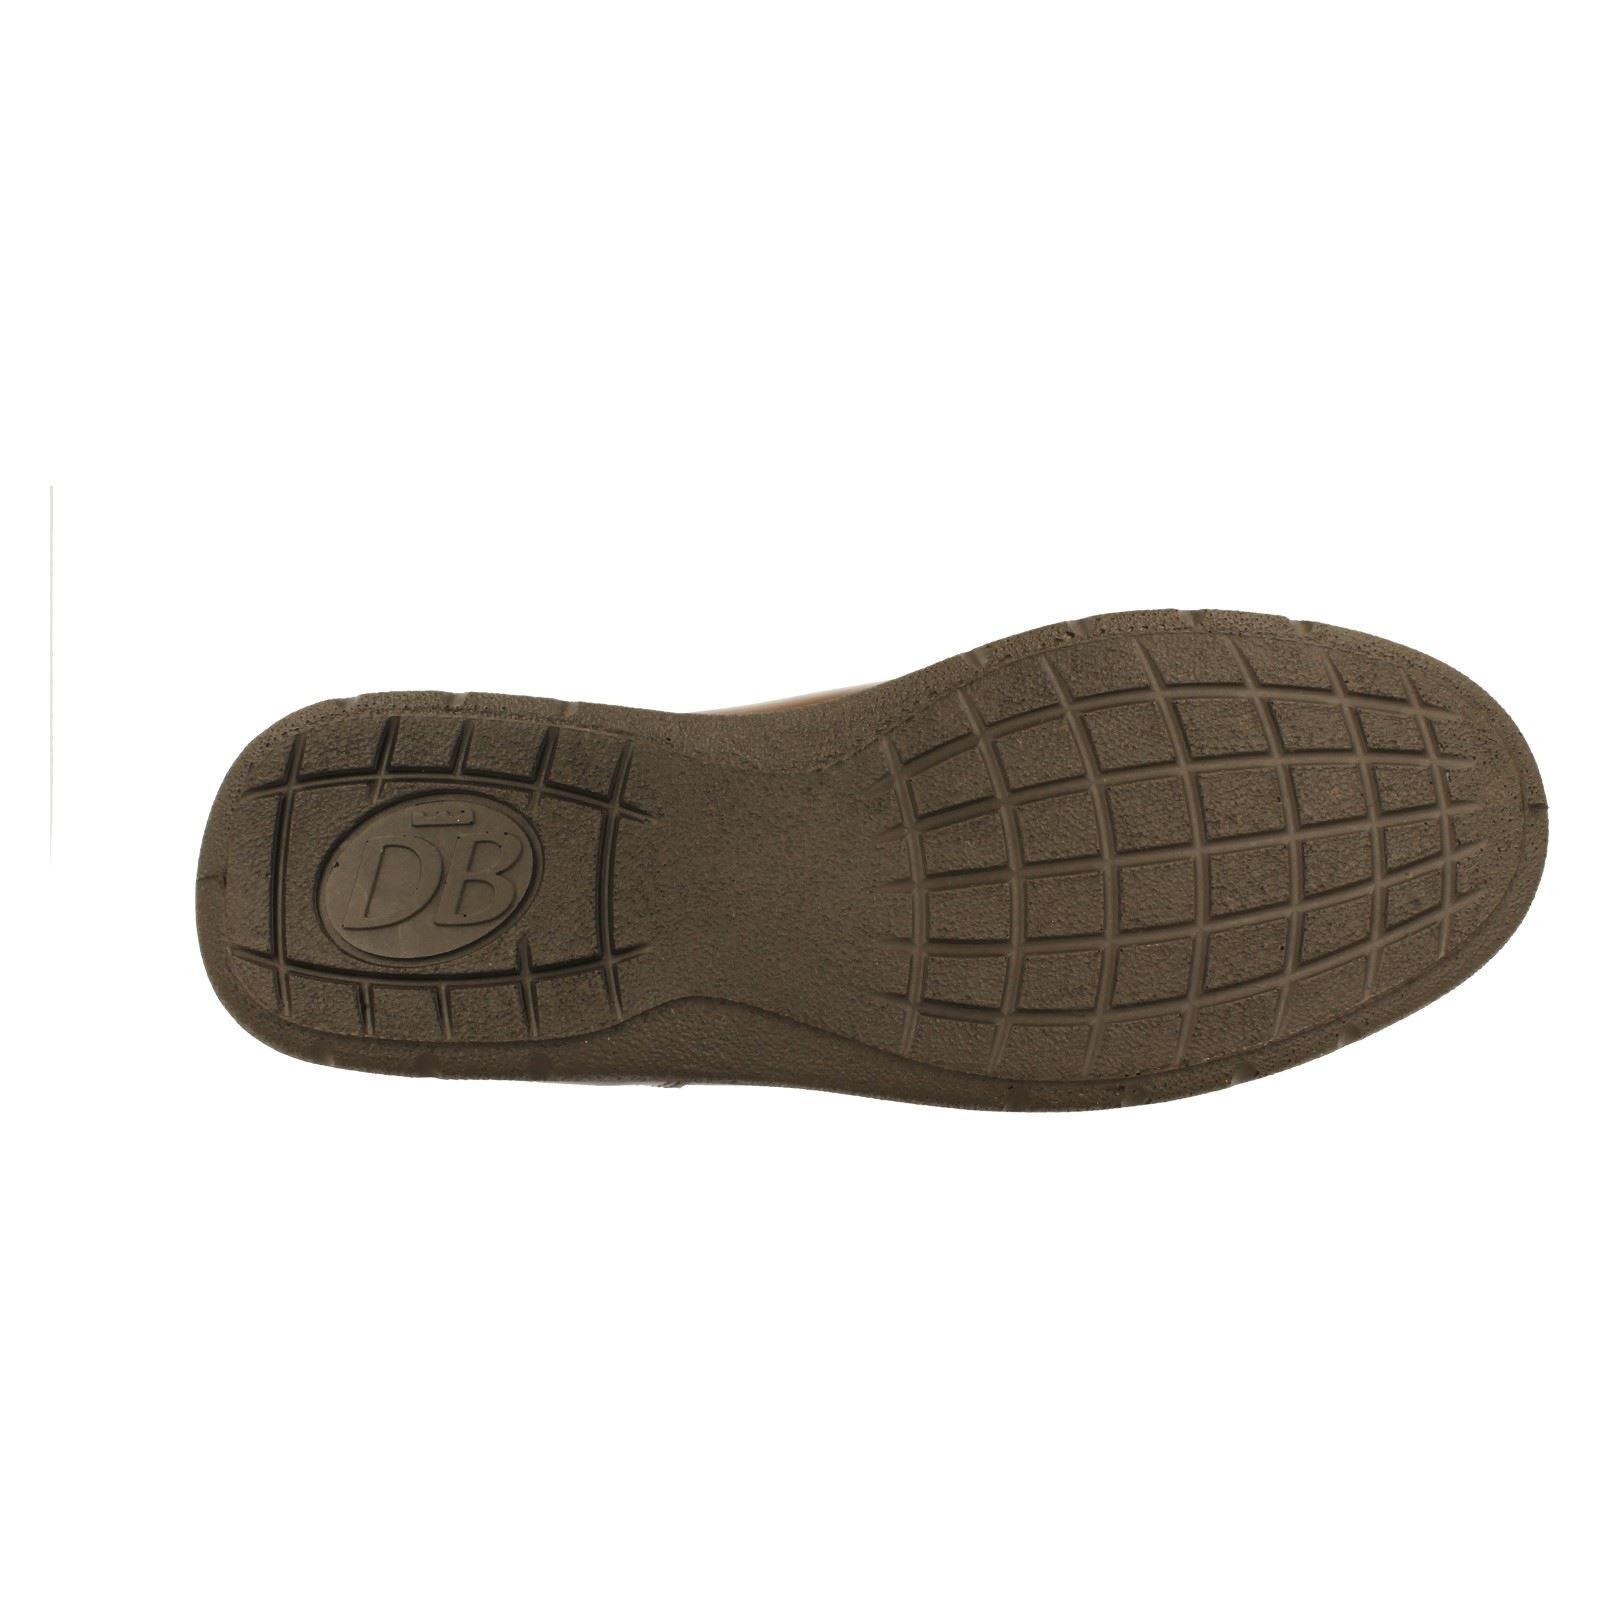 Herren DB Schuhes Style Ashton-W Ashton-W Style 004c6f